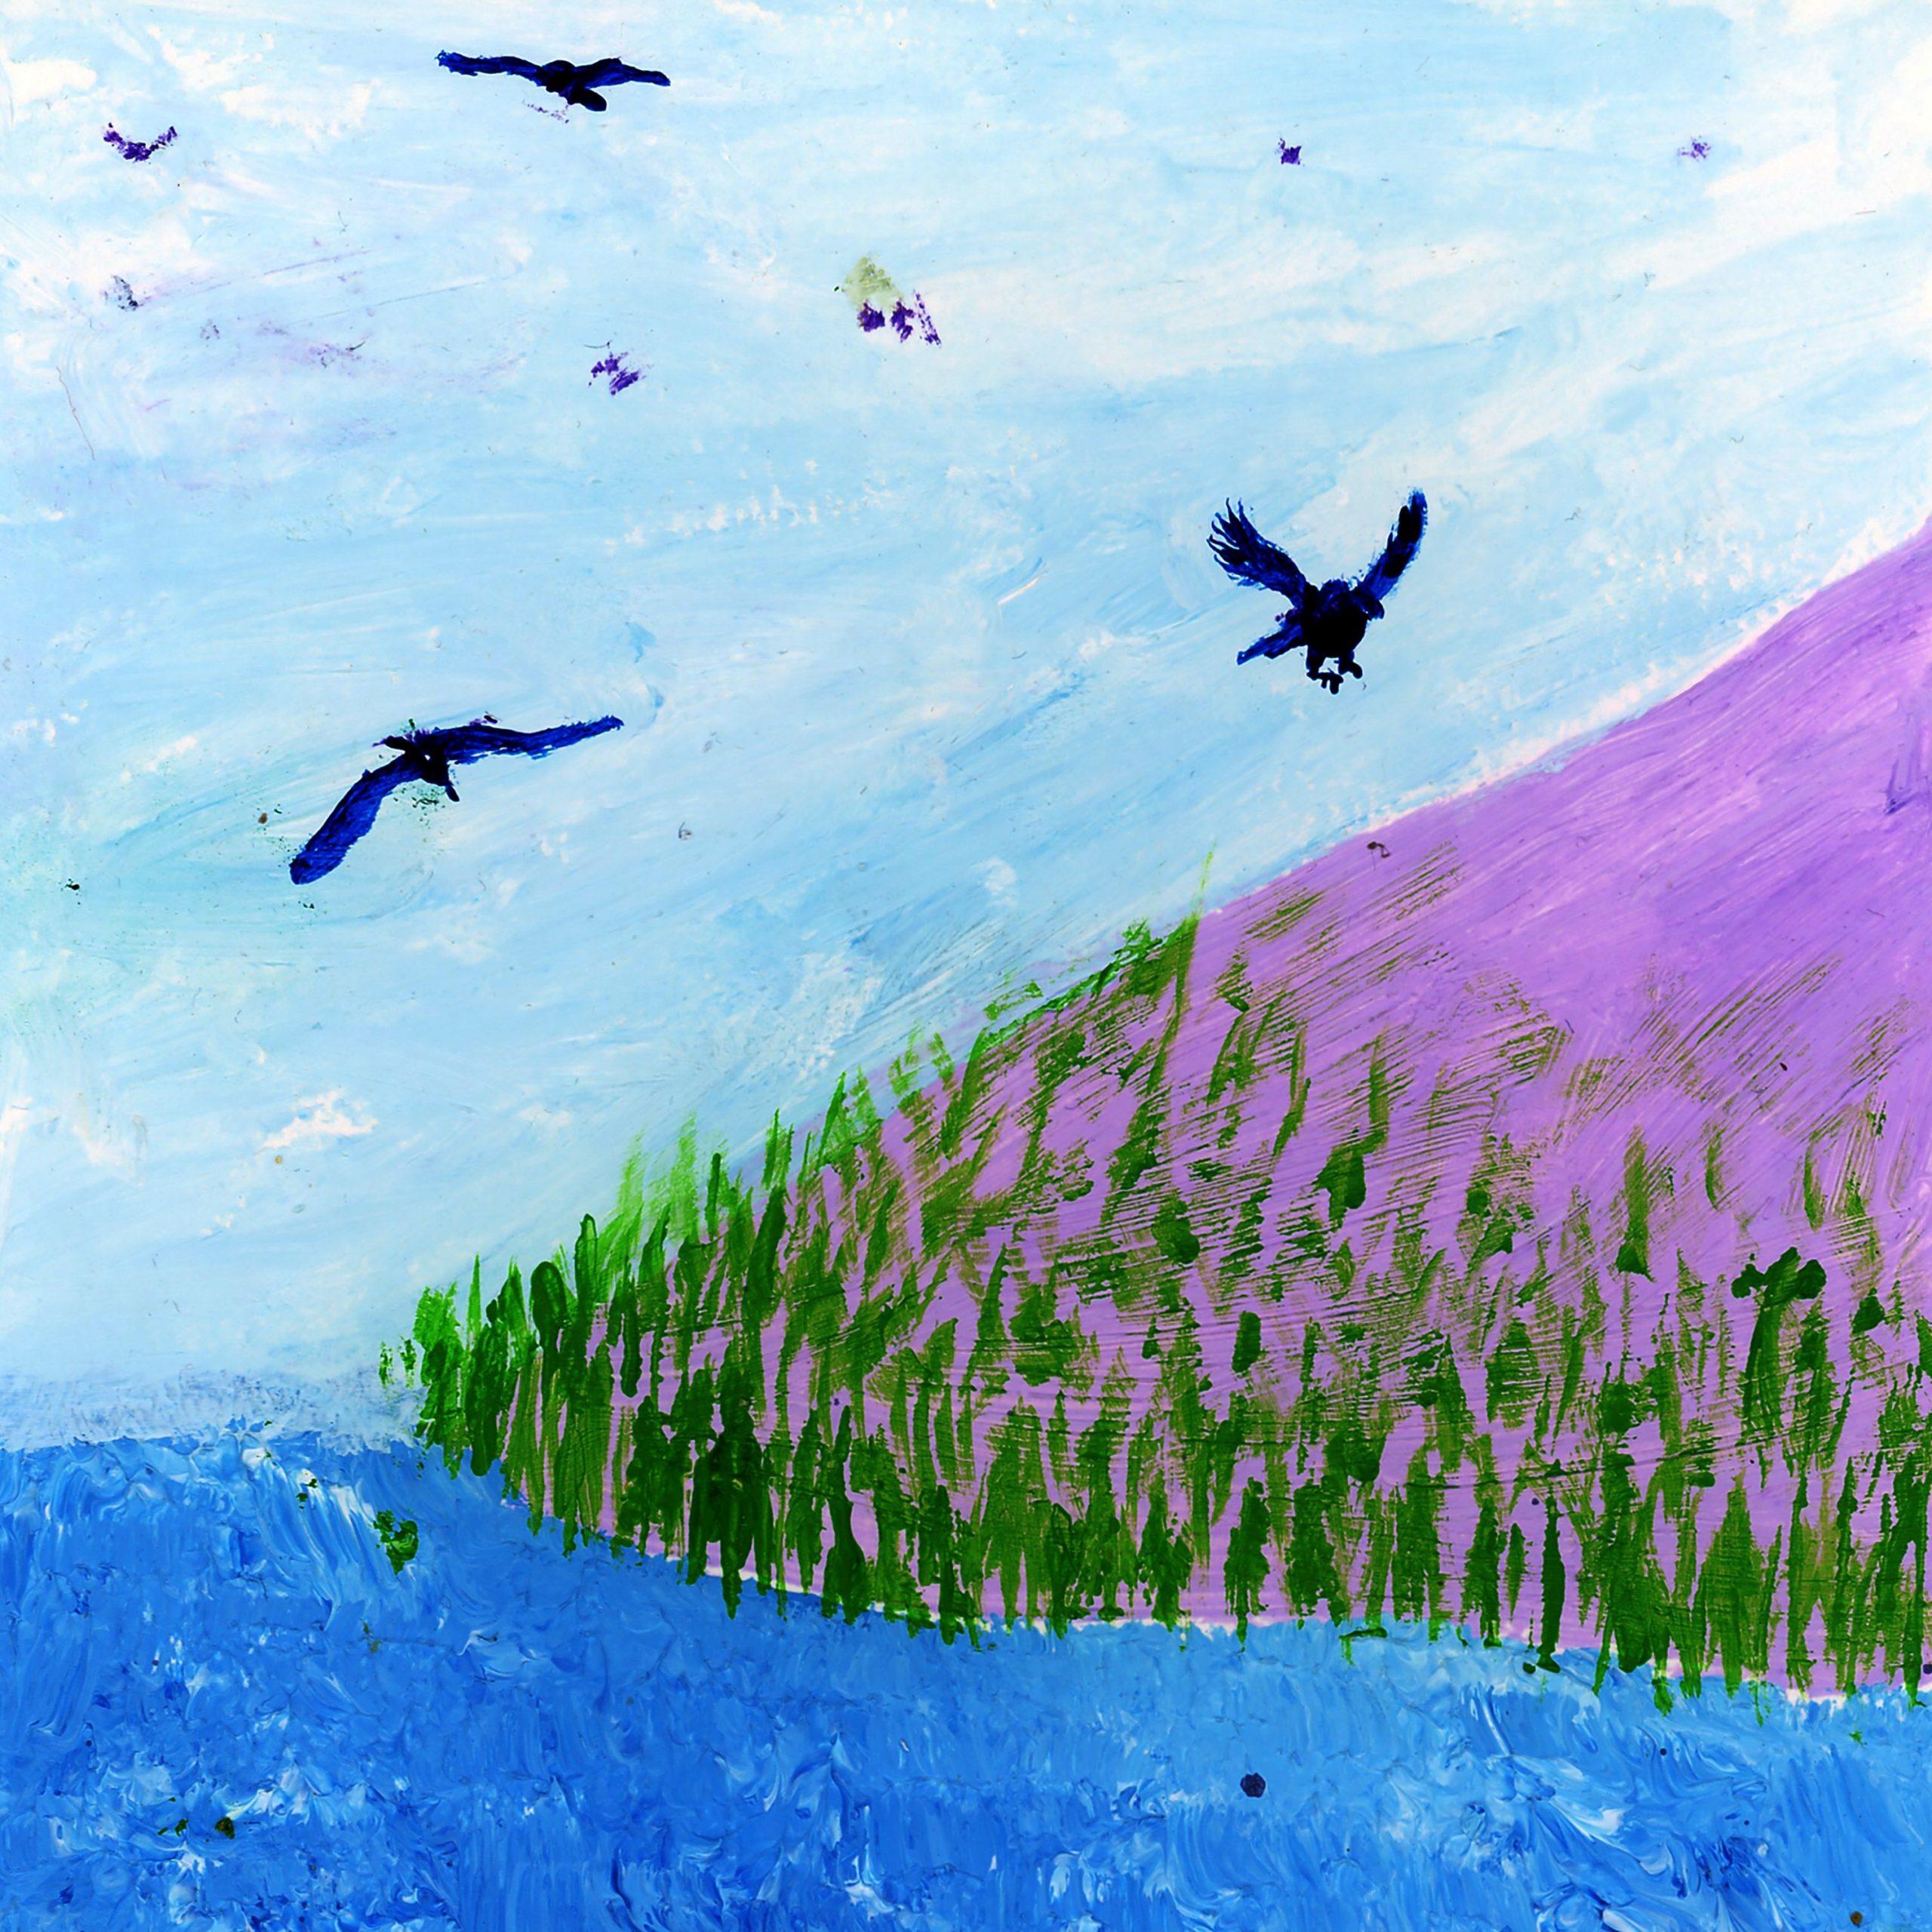 thomTIDE – albatrossAlbatross